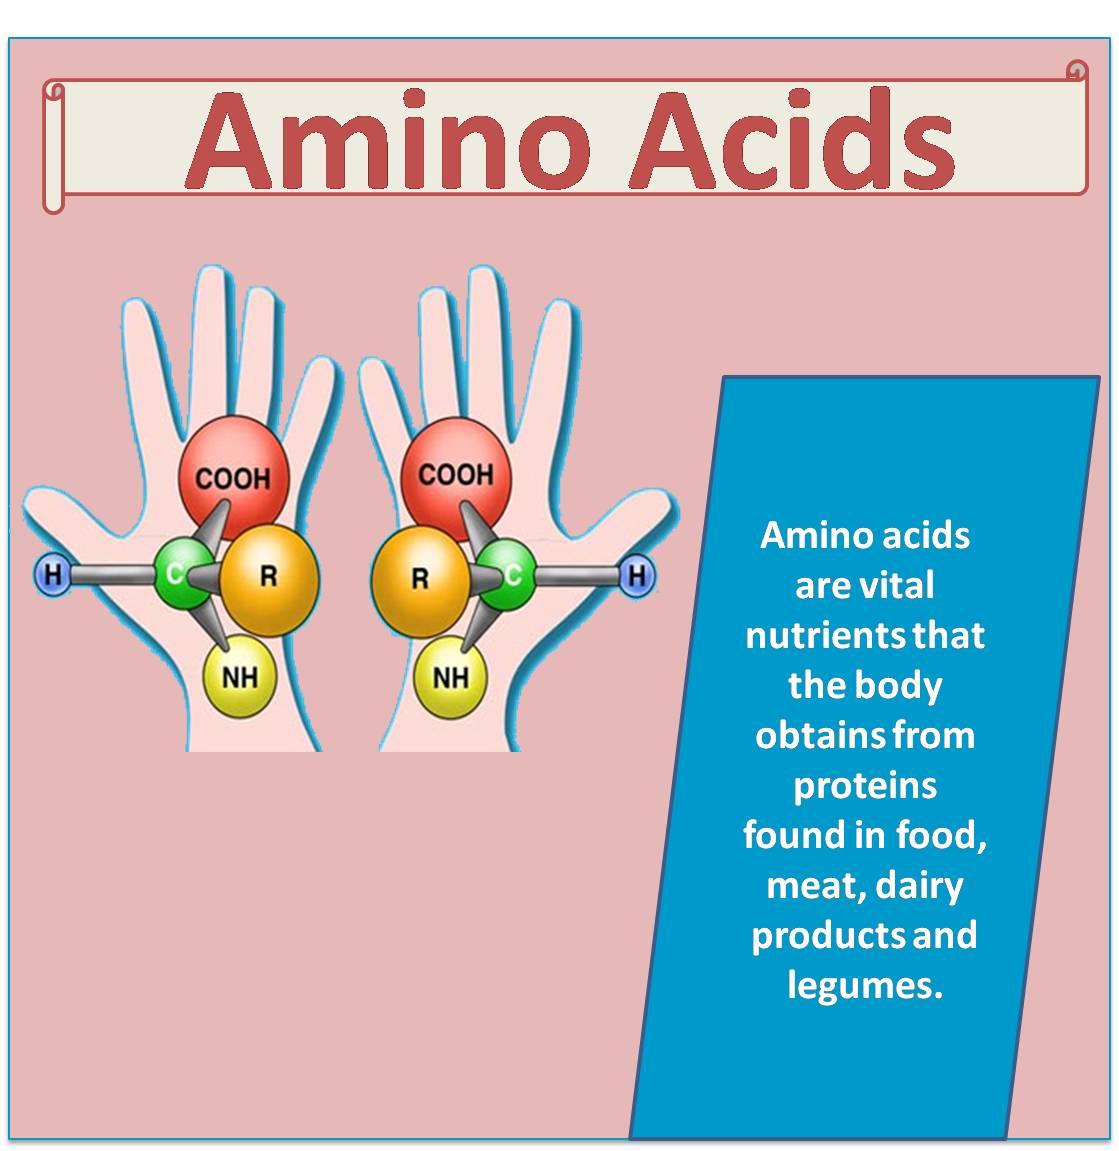 Benefits of amino acids supplements